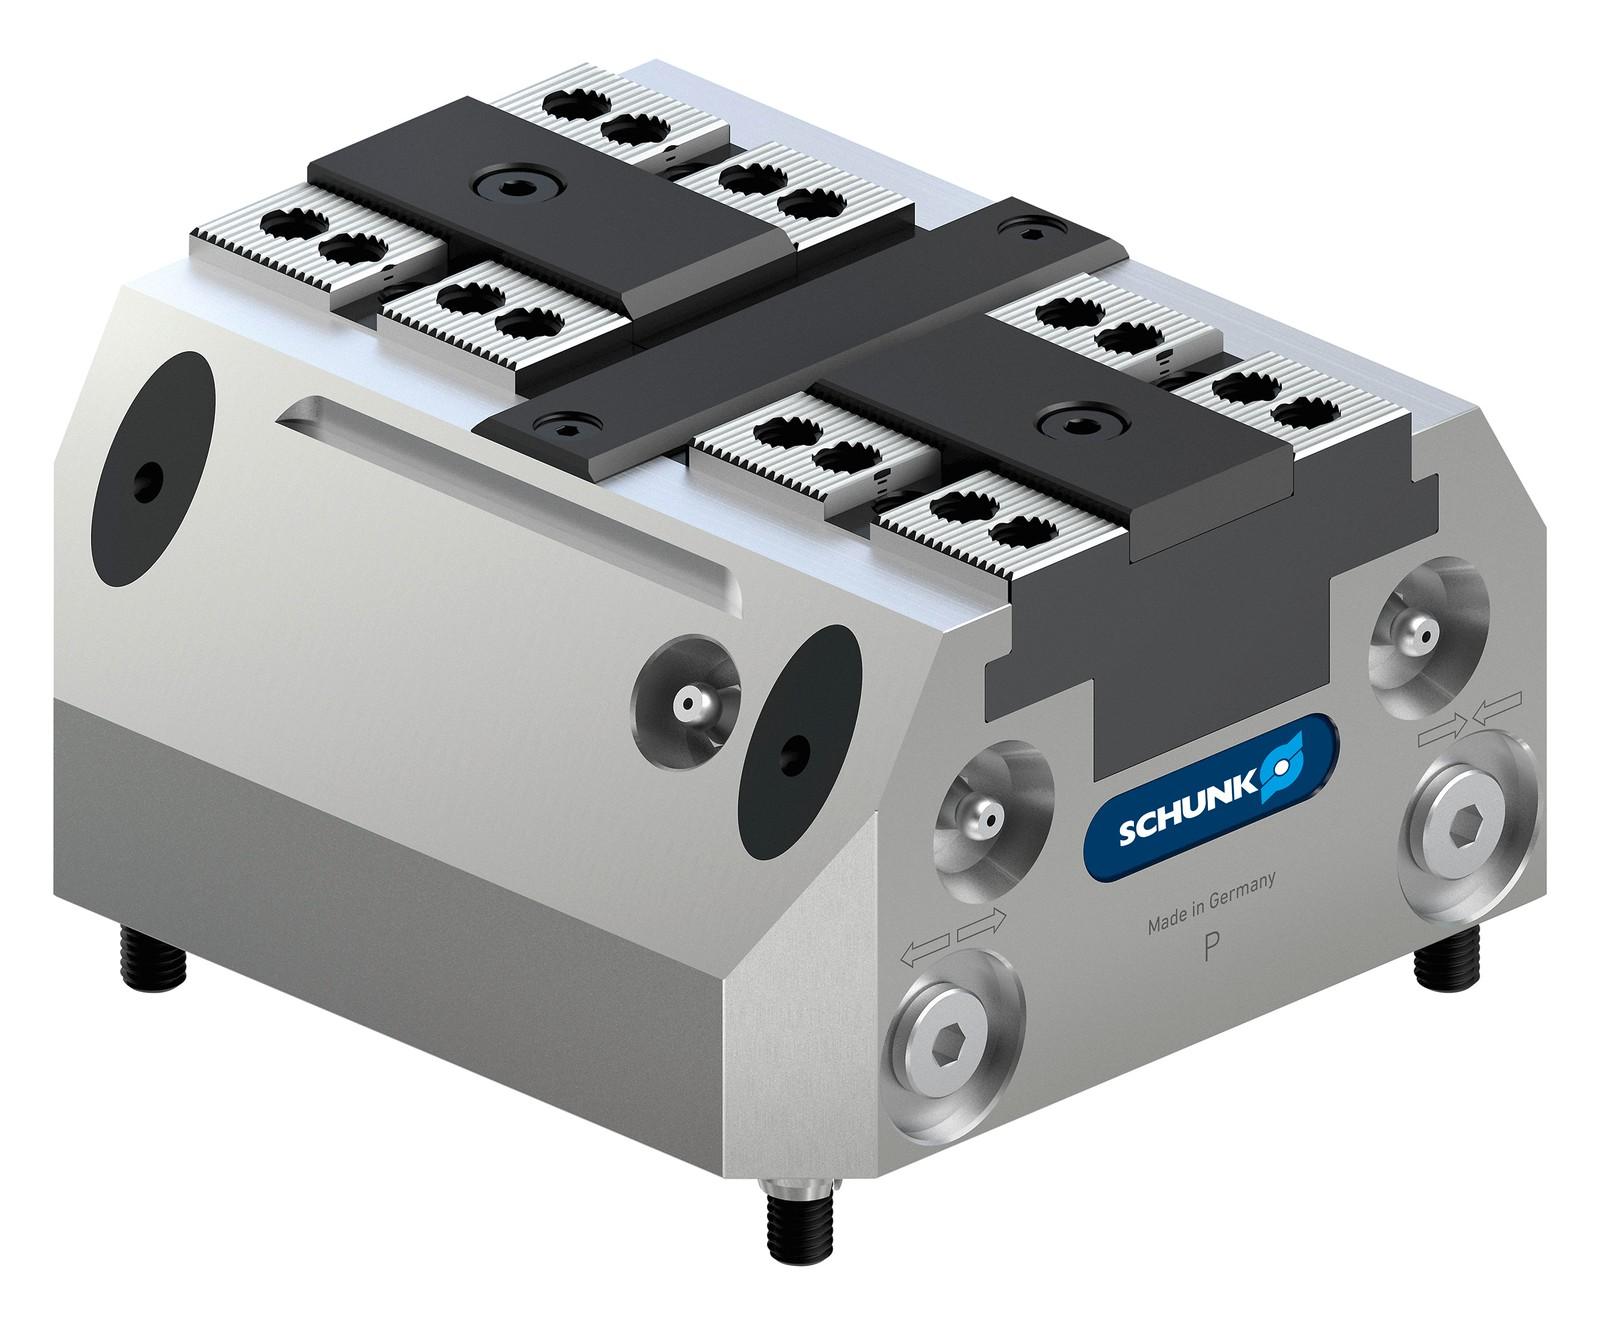 Die kompakten Schunk Tandem plus 140 Kraftspannblöcke sind speziell auf die automatisierte Maschinenbeladung per Roboter zugeschnitten.